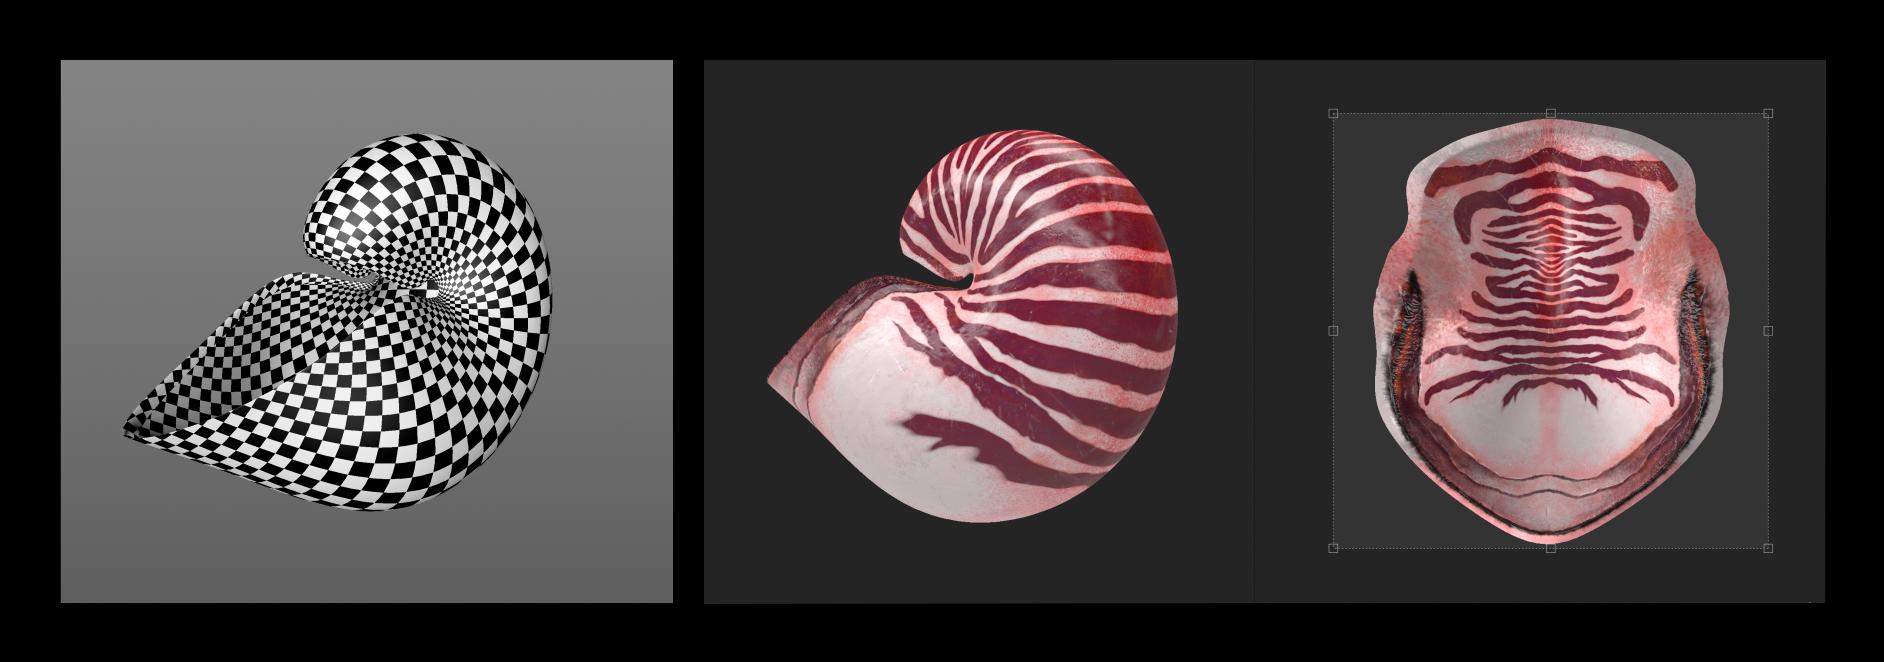 shellprocess